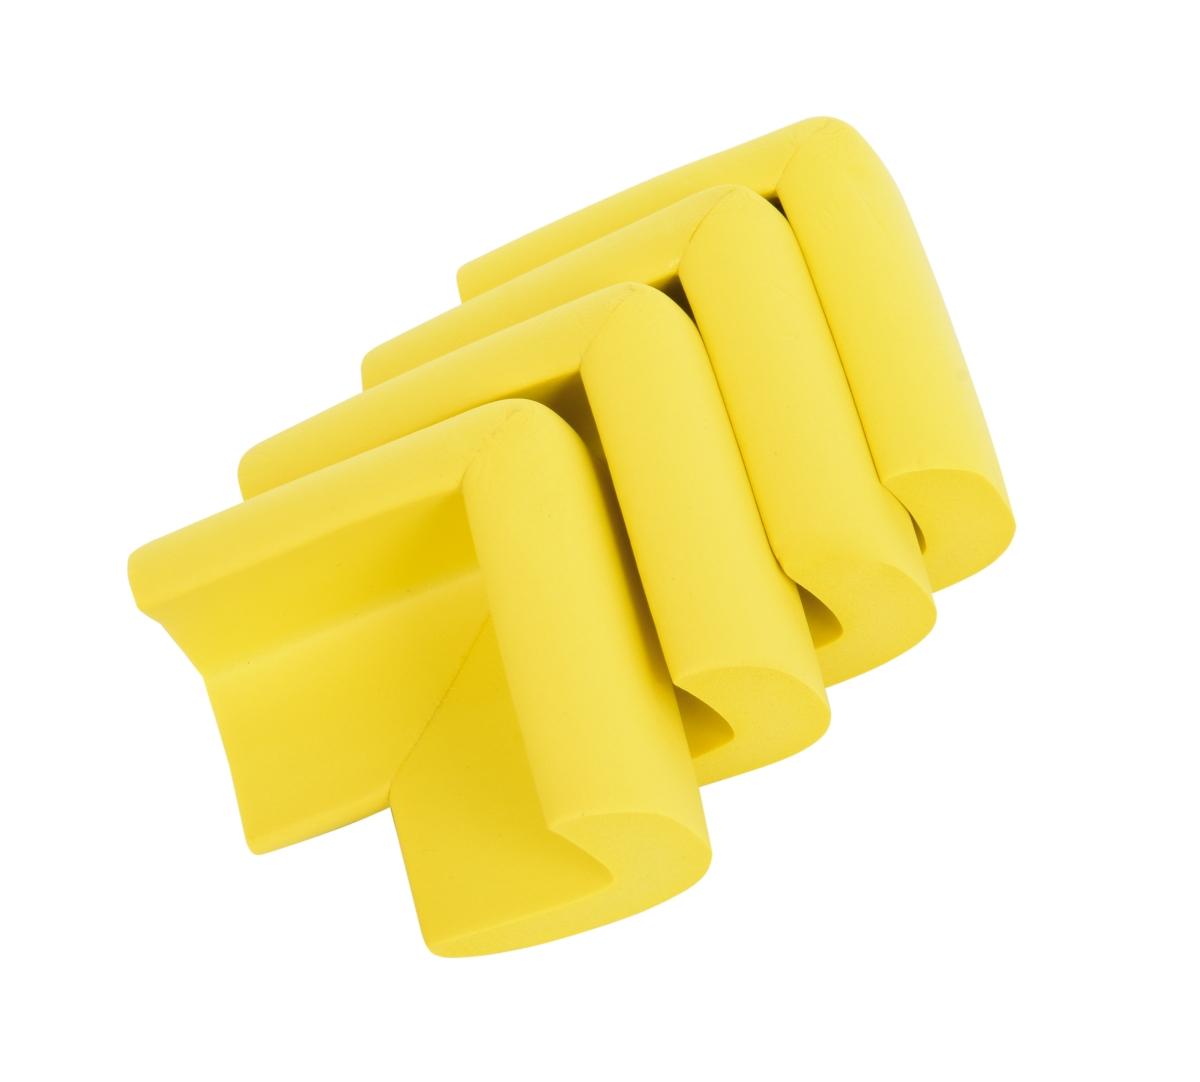 4 ks NÁRAZNÍK na rohy nábytku, žlutý